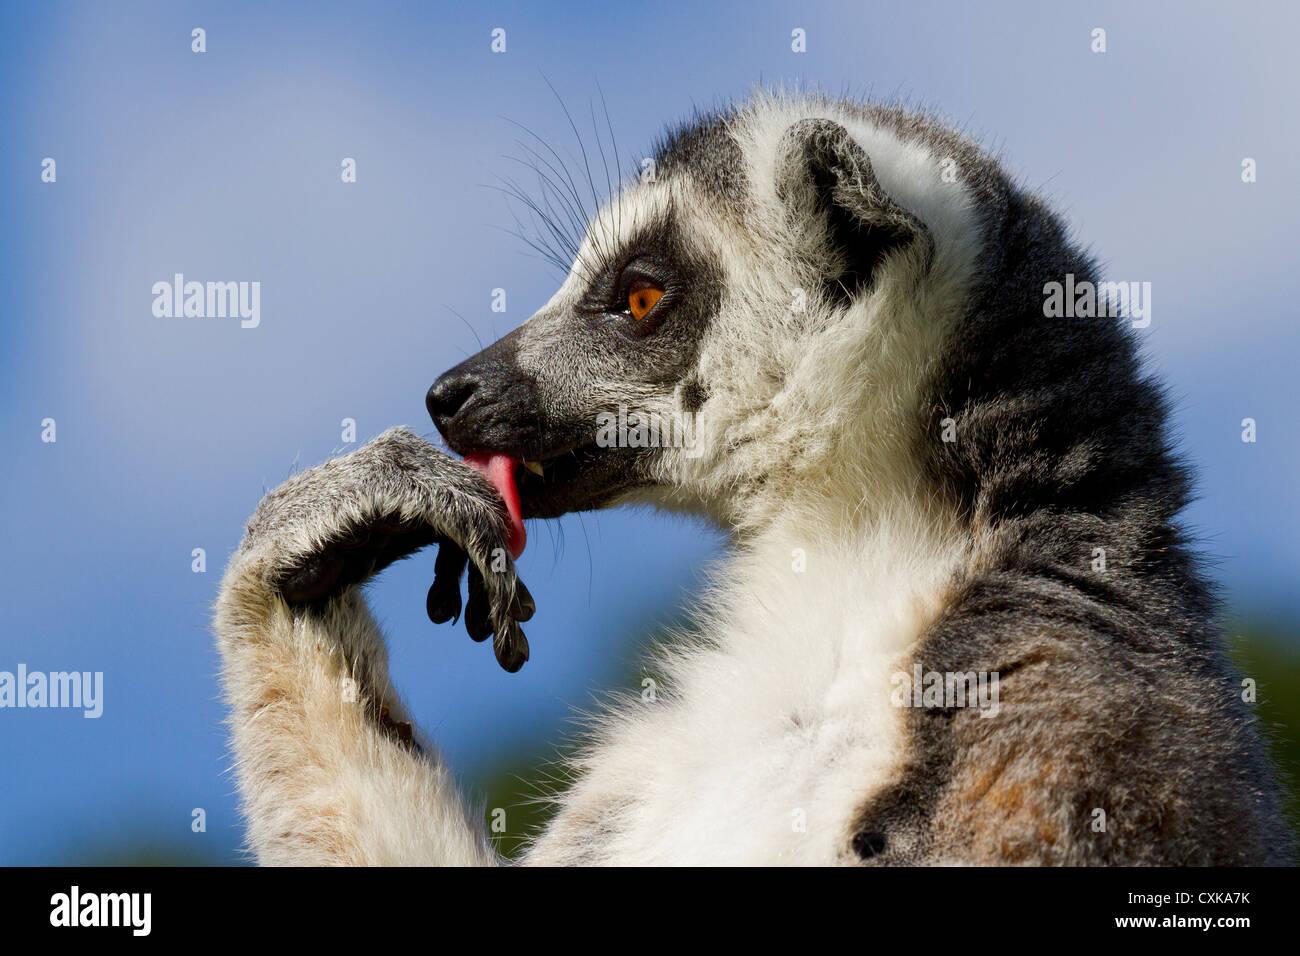 Nahaufnahme einer Katta (Lemur Catta) seine Pfote lecken. Sonnigen blauen Himmel und Laub Hintergrund Stockbild